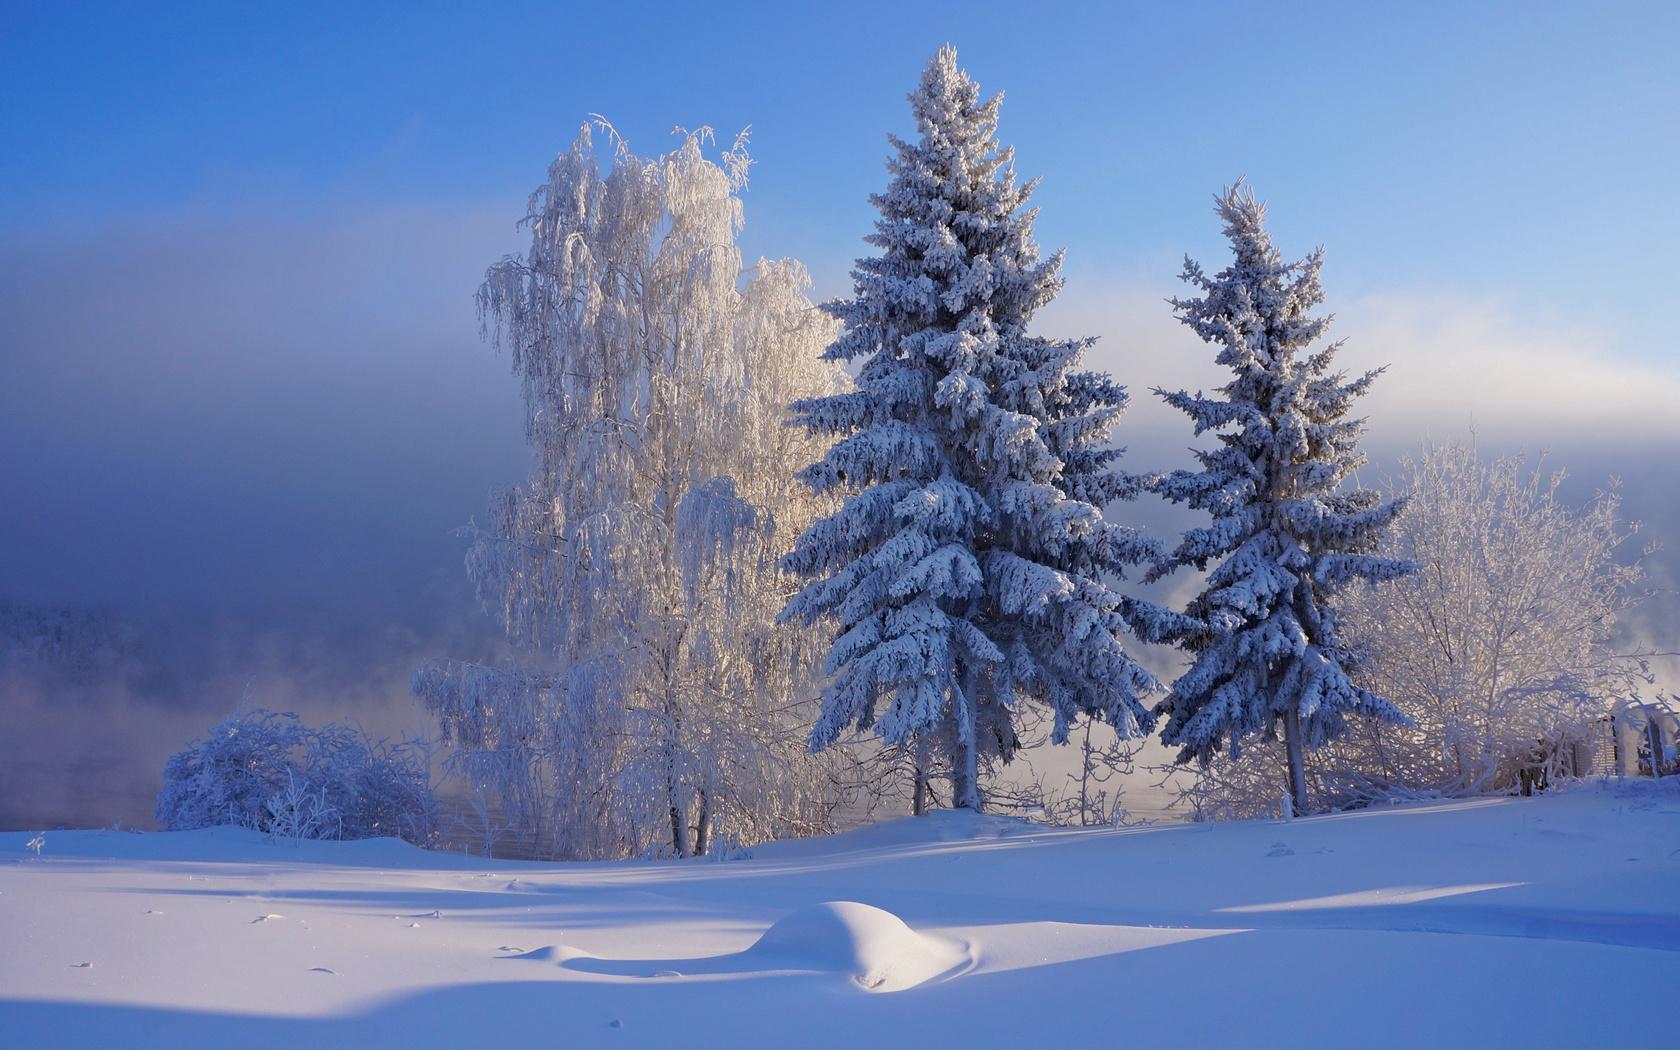 природа, пейзаж, зима, снег, сугроб, деревья, ели, берёза, иней, кусты, тени